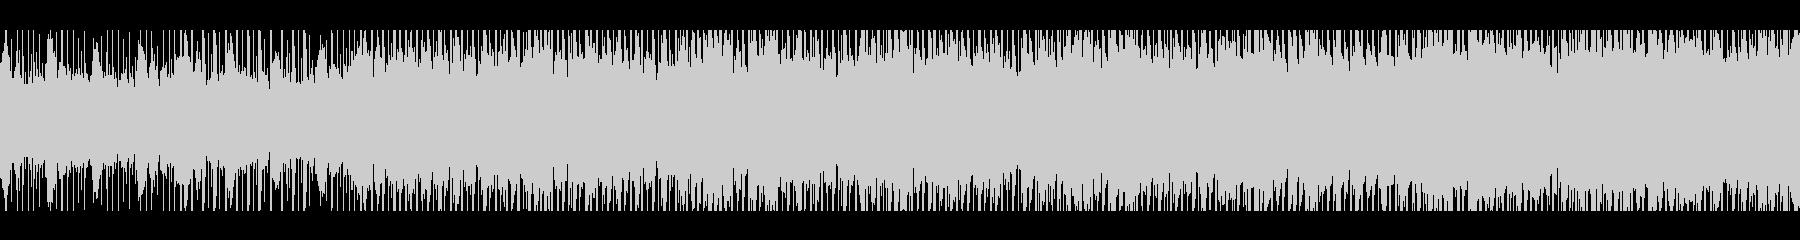 深刻な始まり(ループ)の未再生の波形